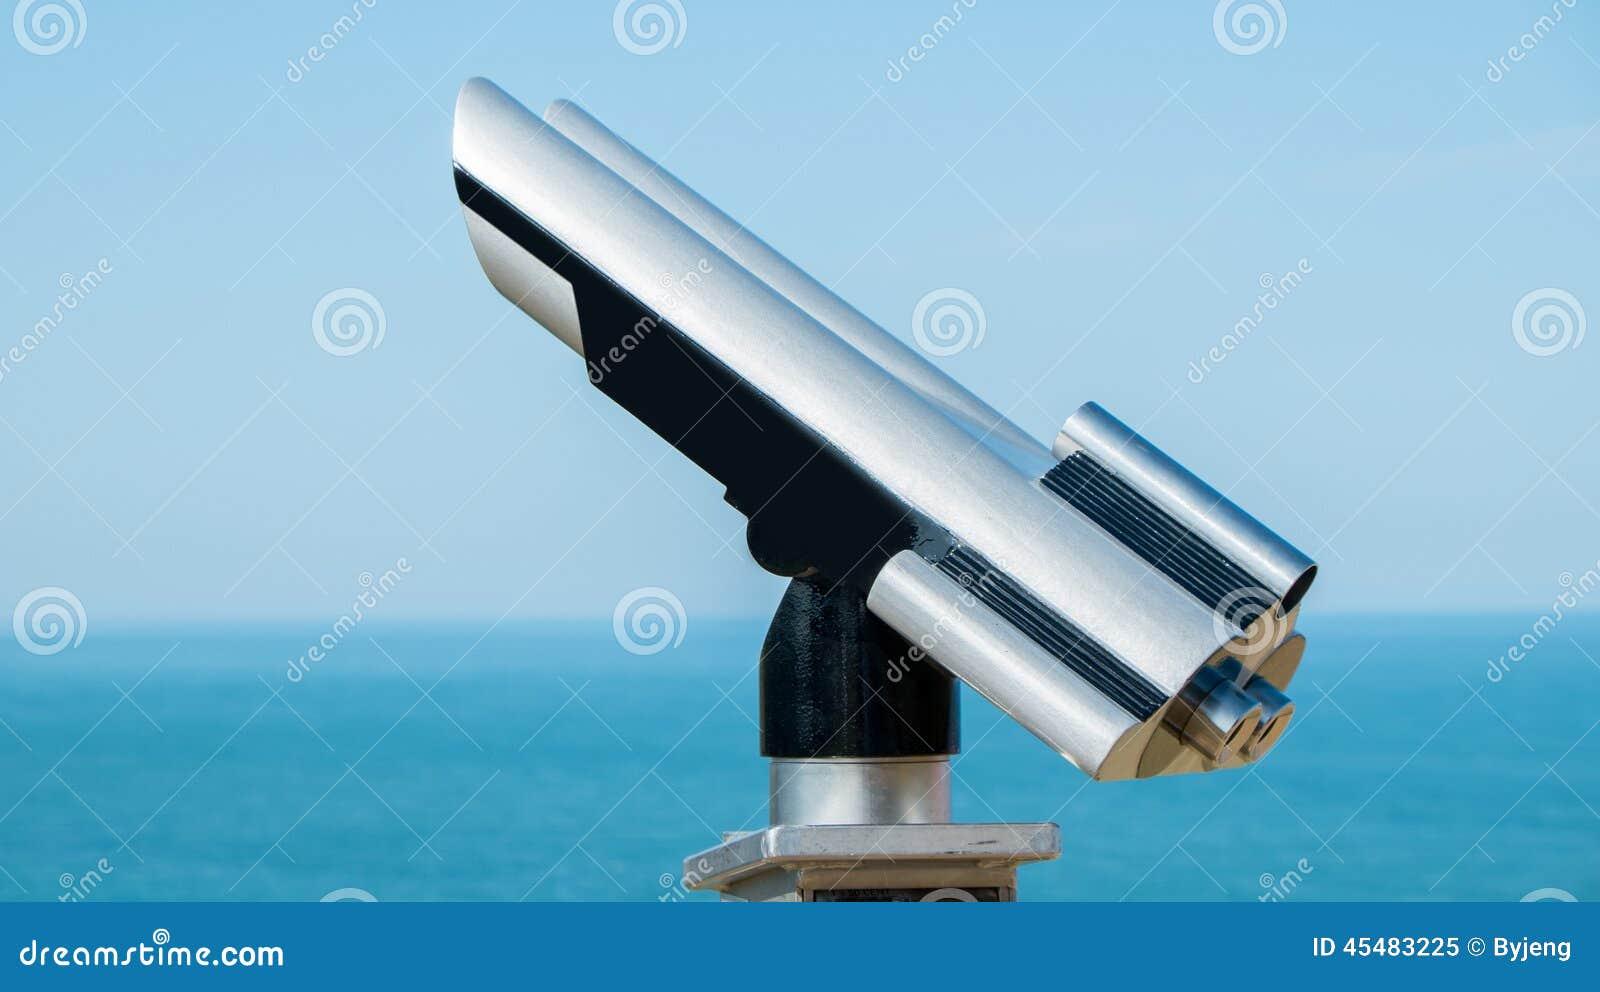 投入硬币后自动操作的双筒望远镜